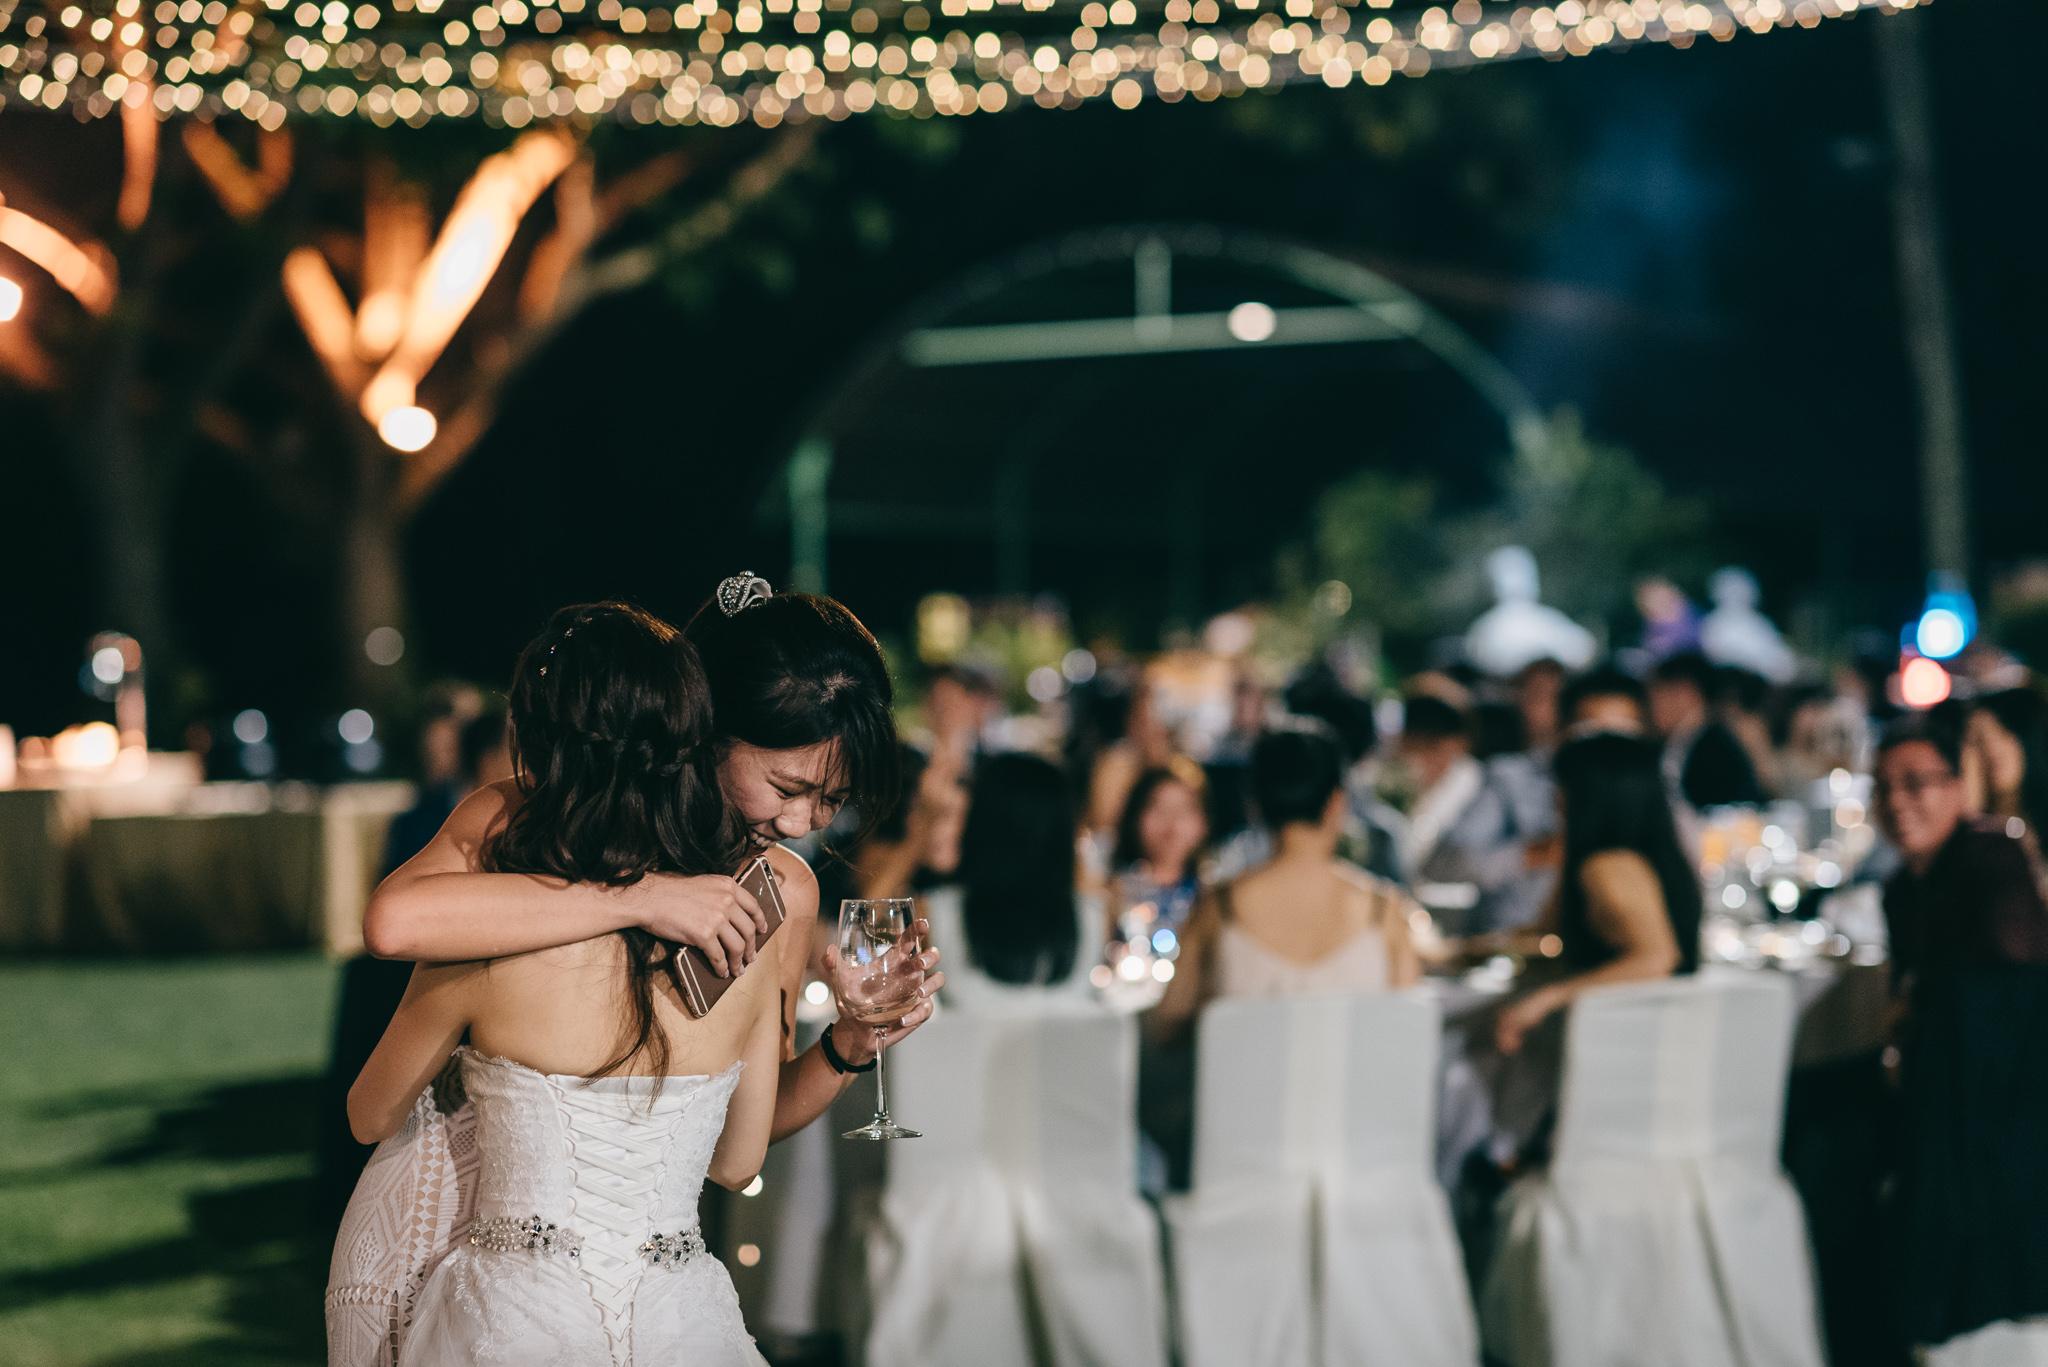 Lionel & Karen Wedding Day Highlights (resized for sharing) - 193.jpg